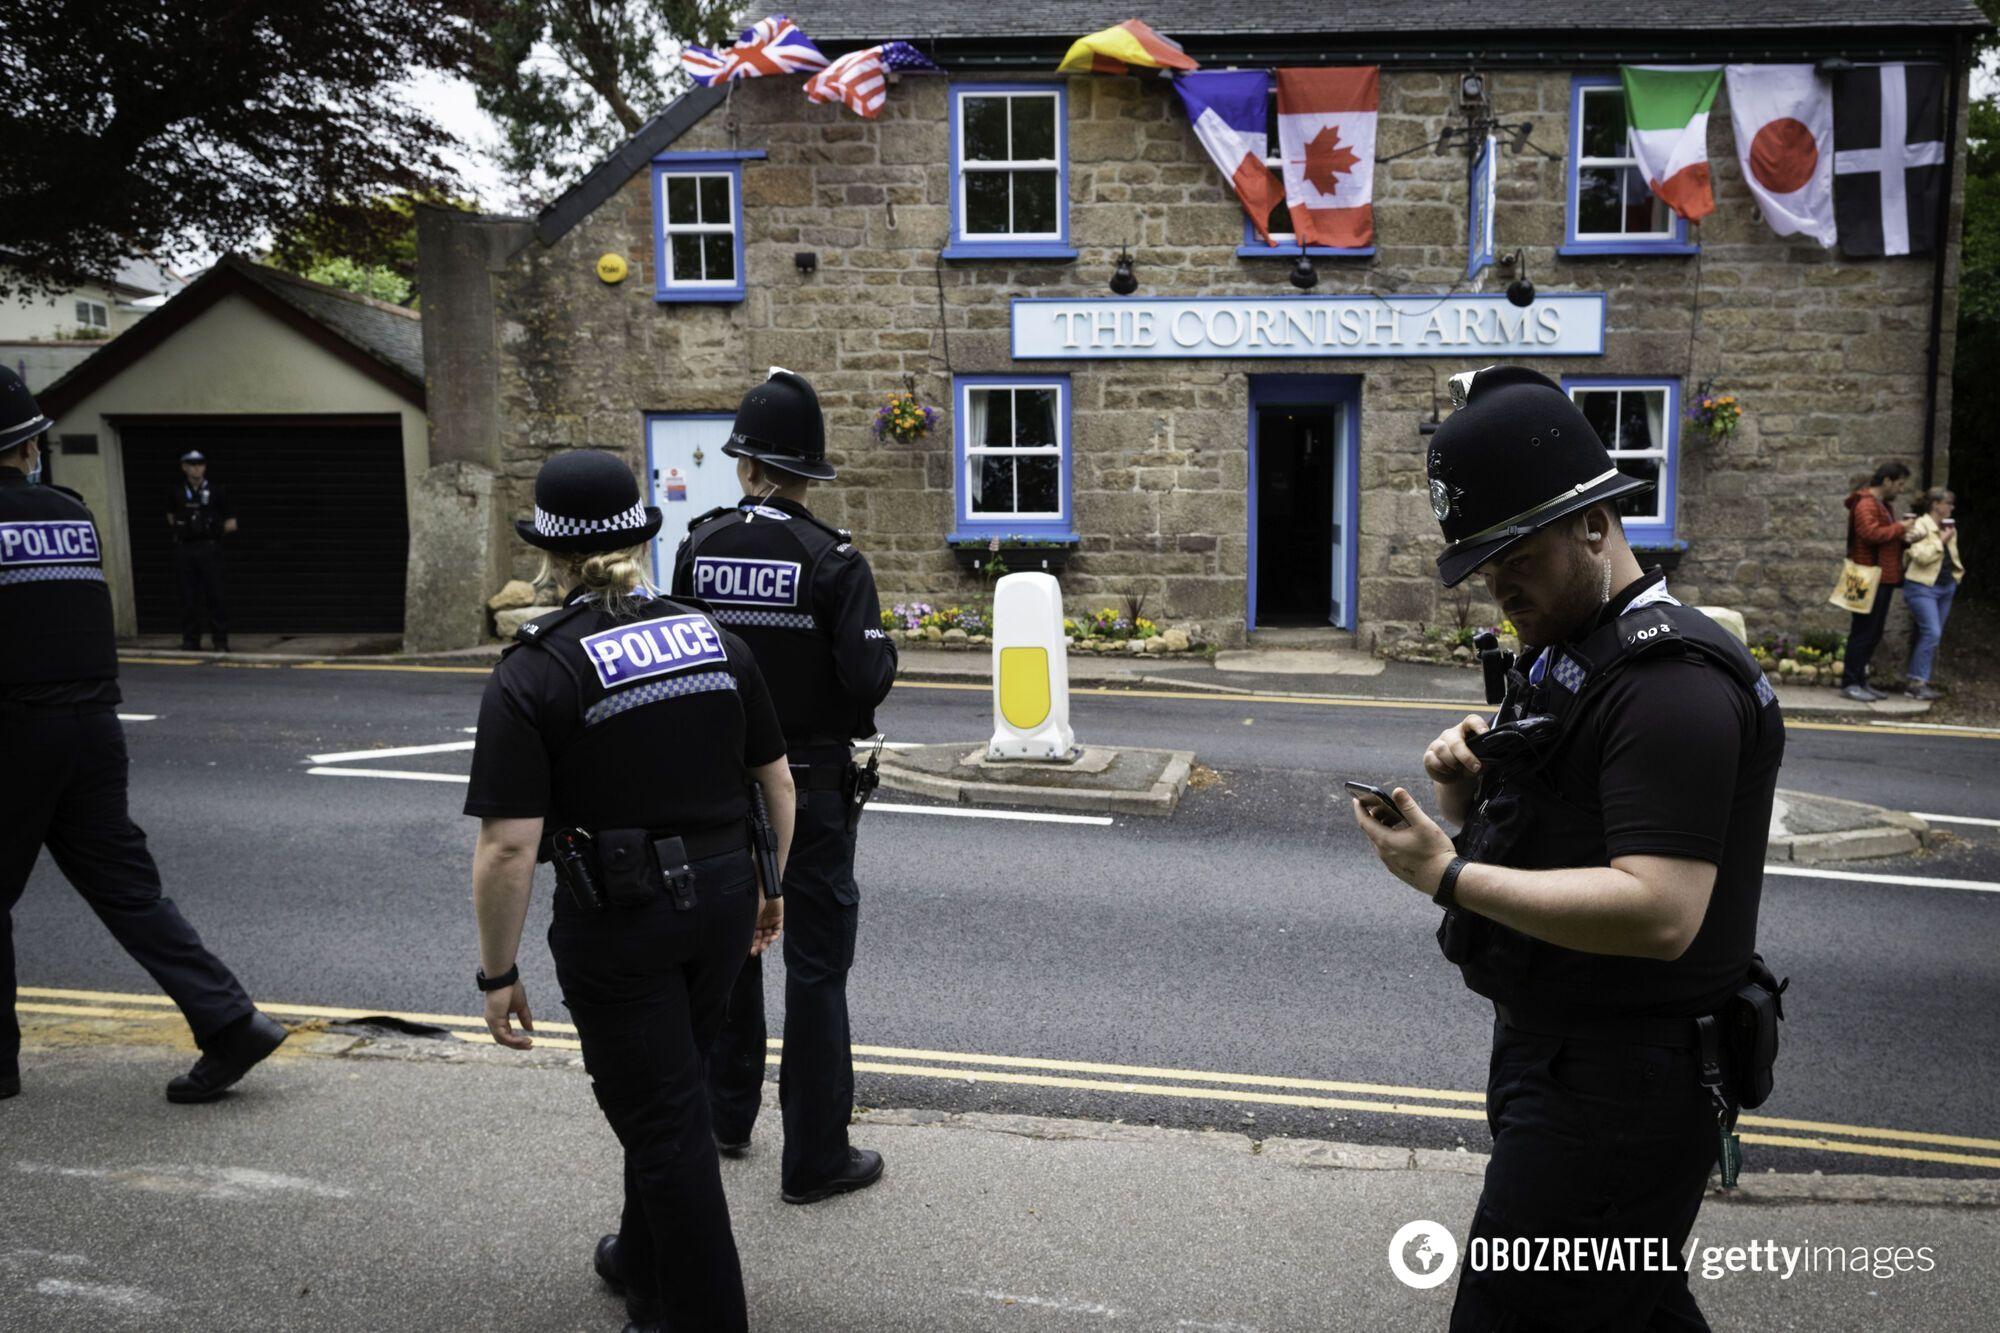 Полиция охраняет Корнуолл, где проходит саммит